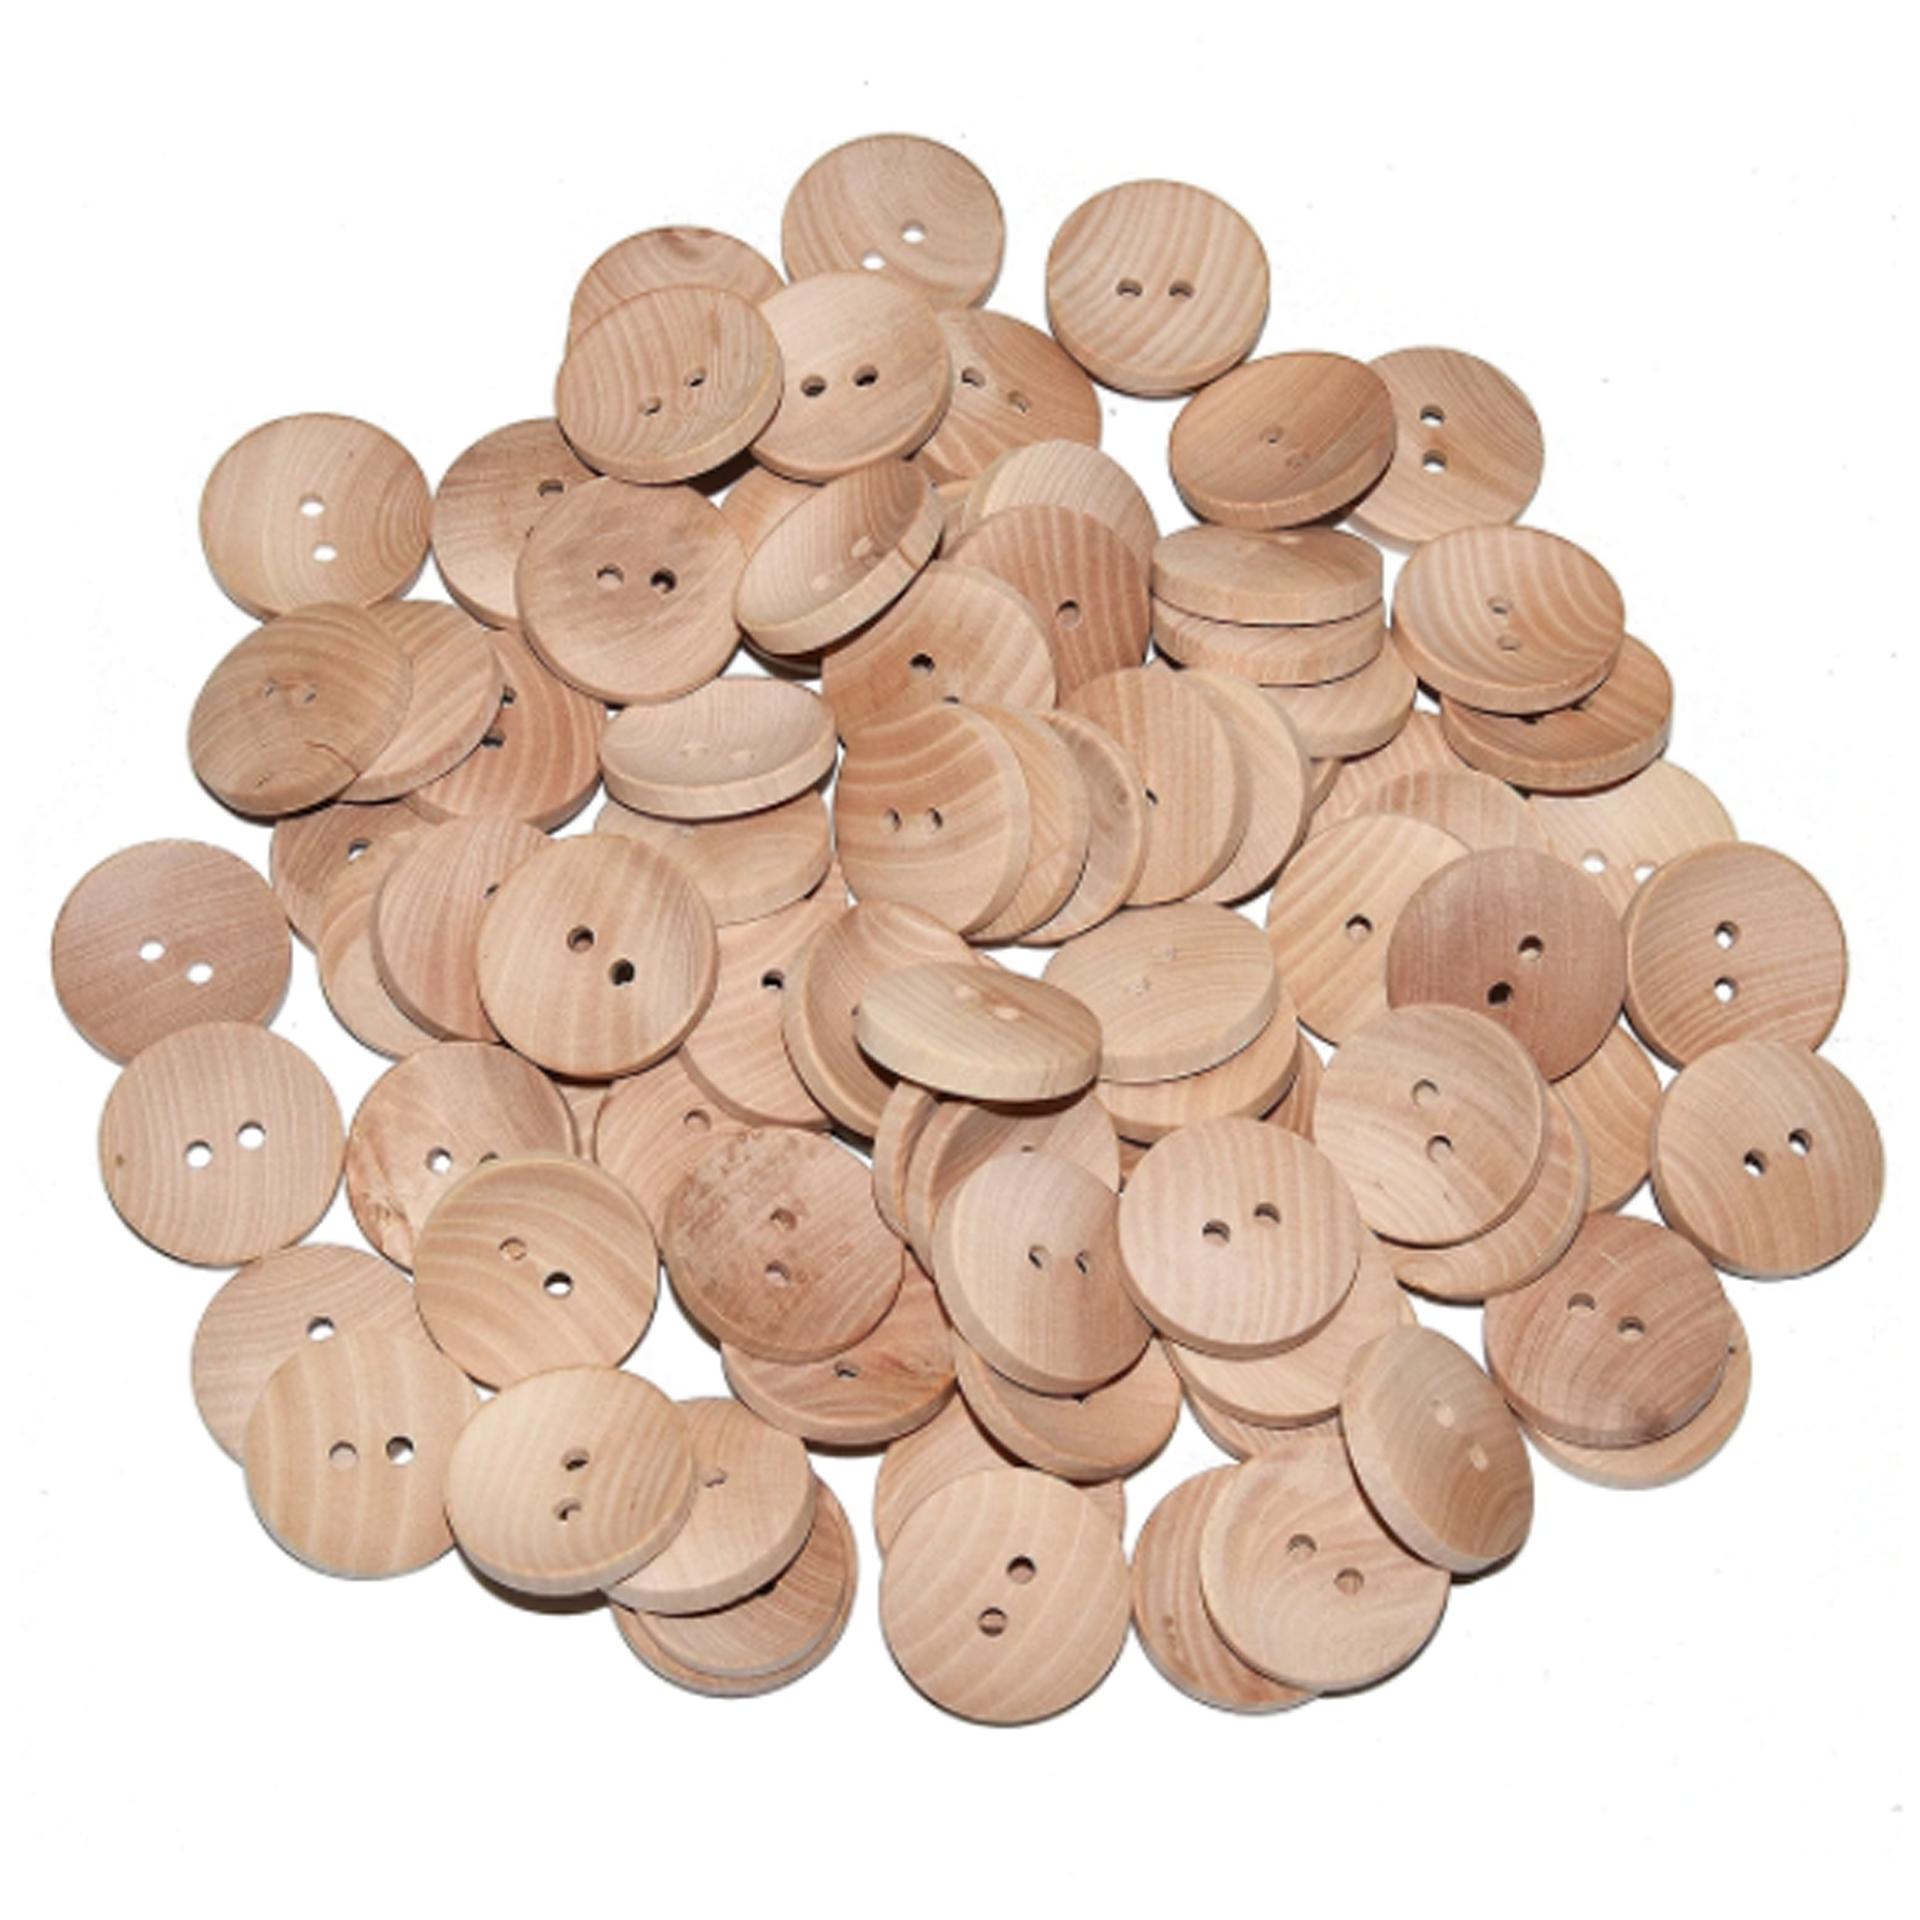 Botones Madera - Concavos